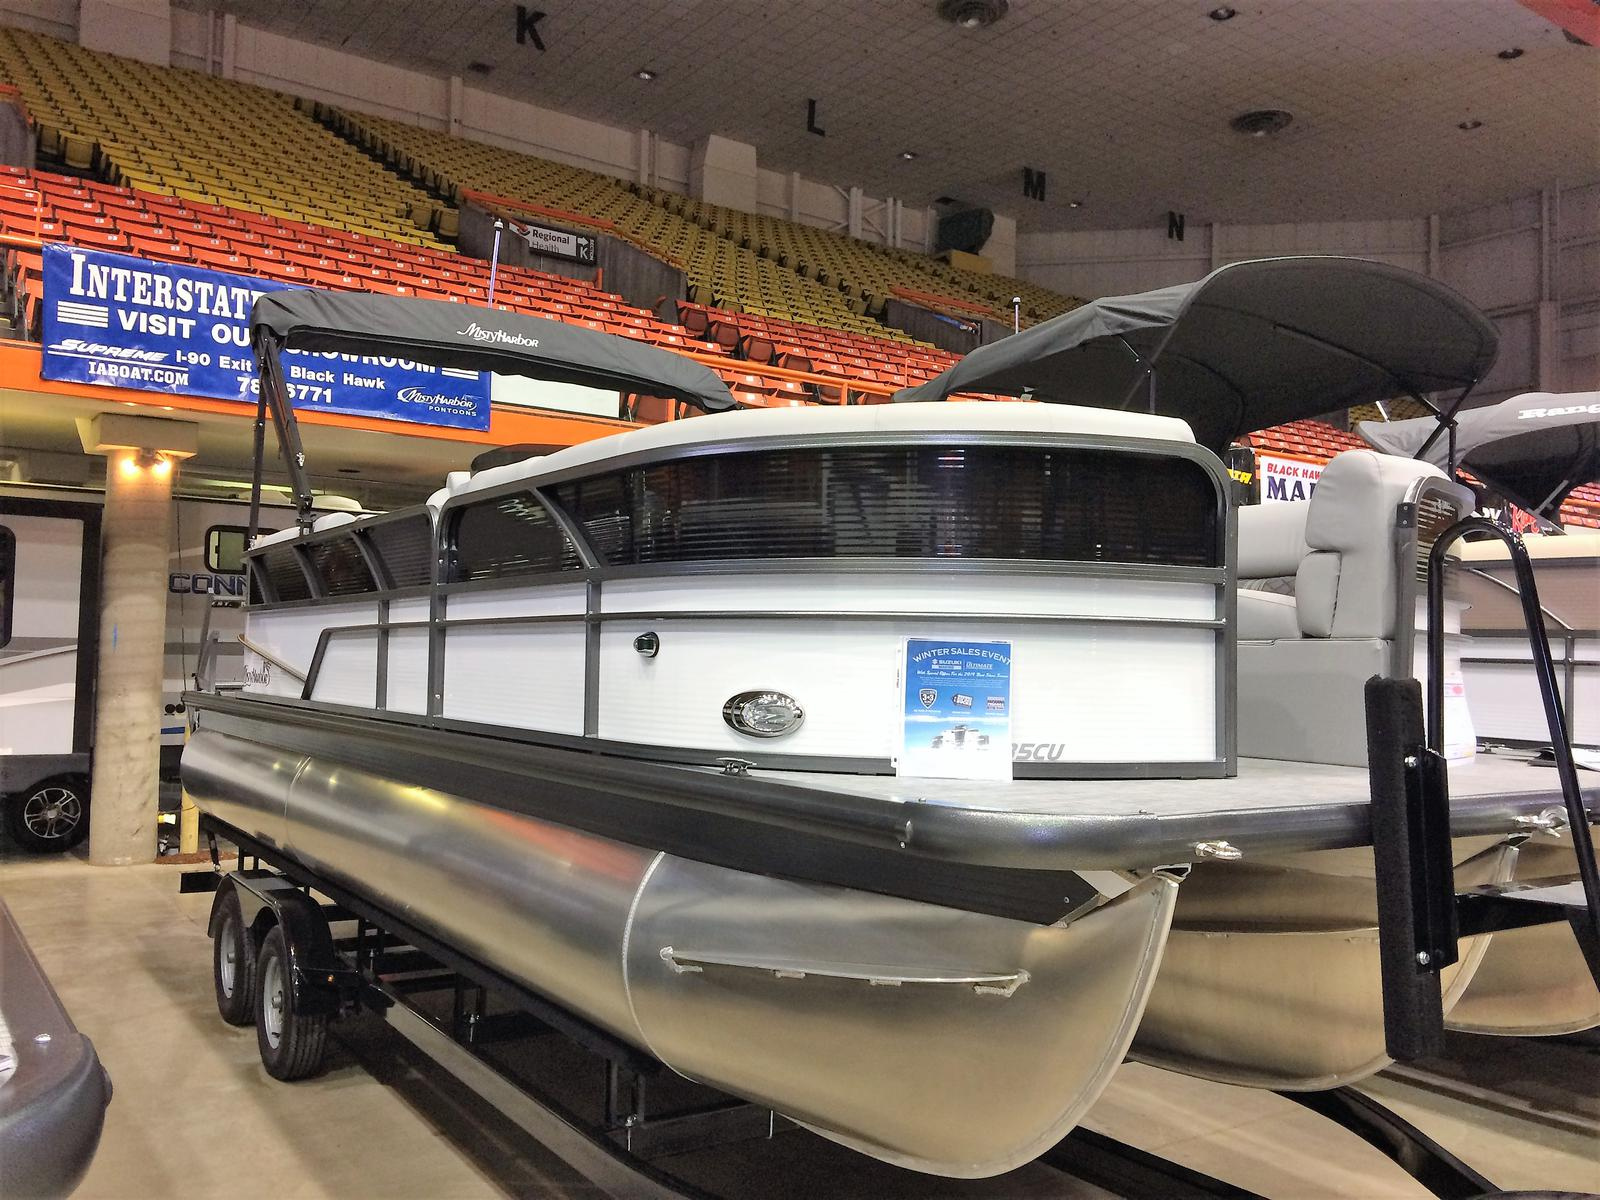 2019 Misty Harbor Biscayne Bay 2285CU TRI-TOON 200HP SUZUKI OUTBOARD